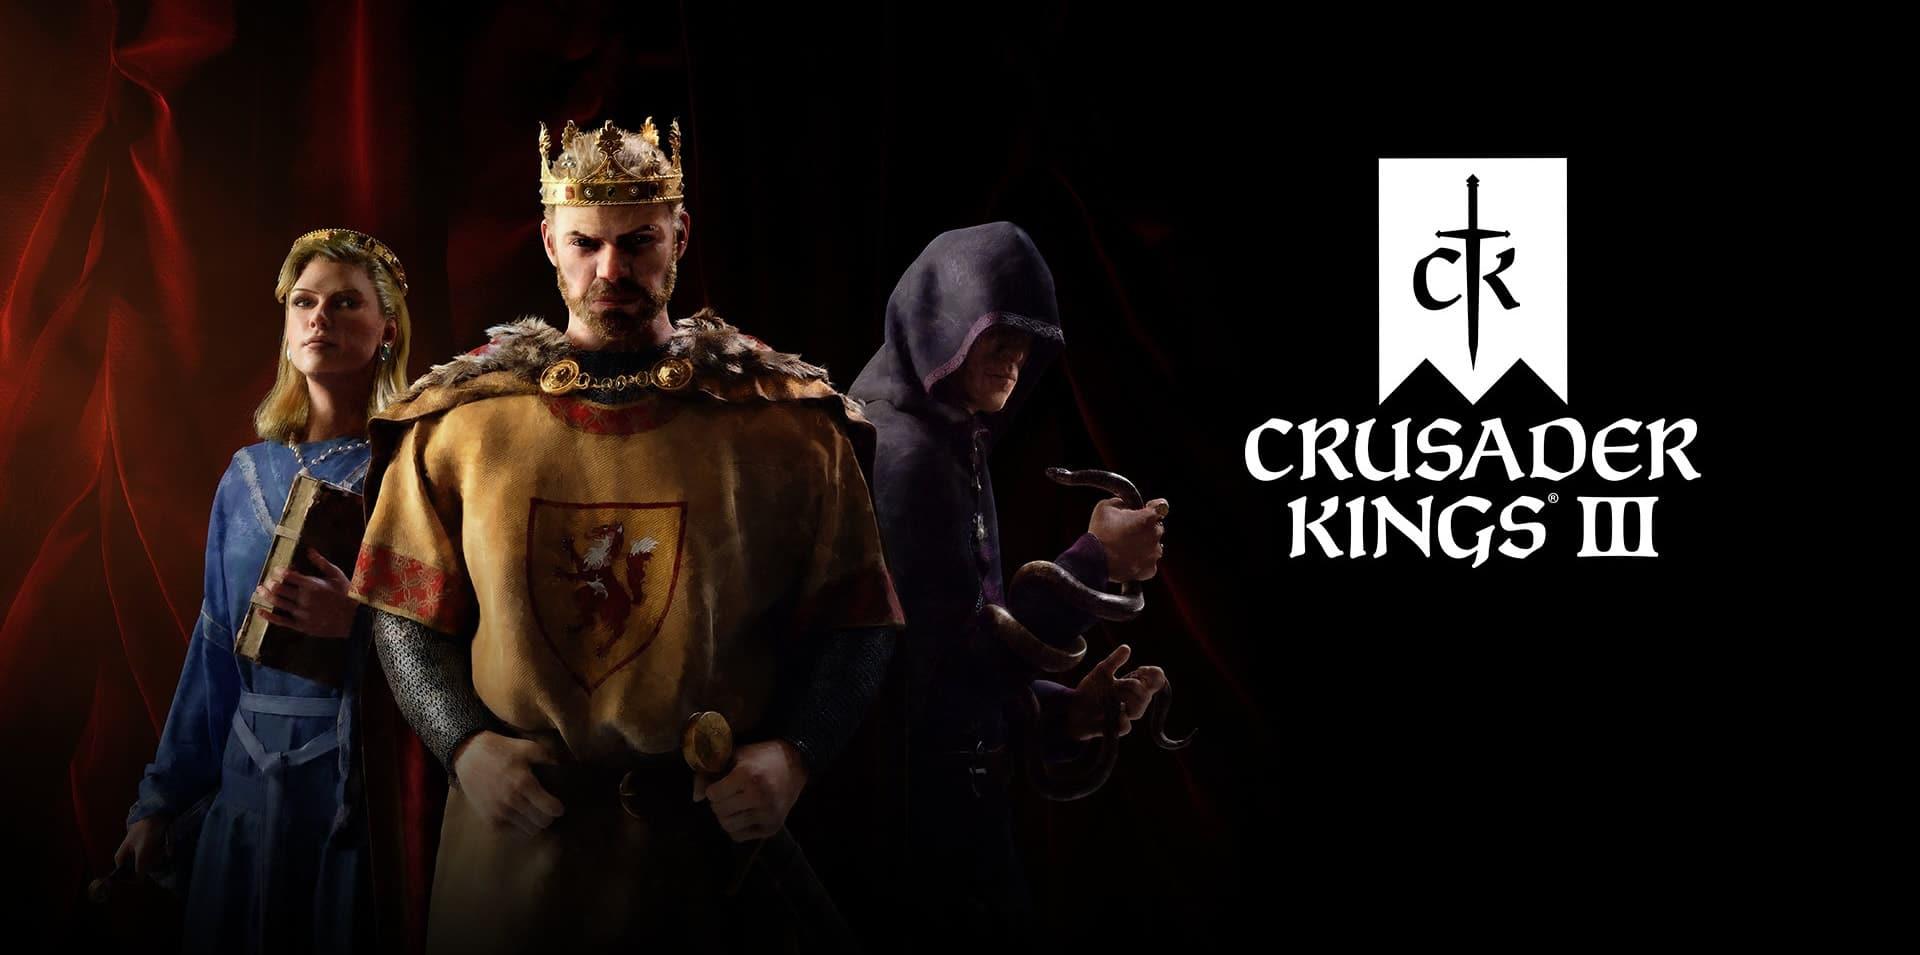 Crusader Kings III's Update Tomorrow is BIG